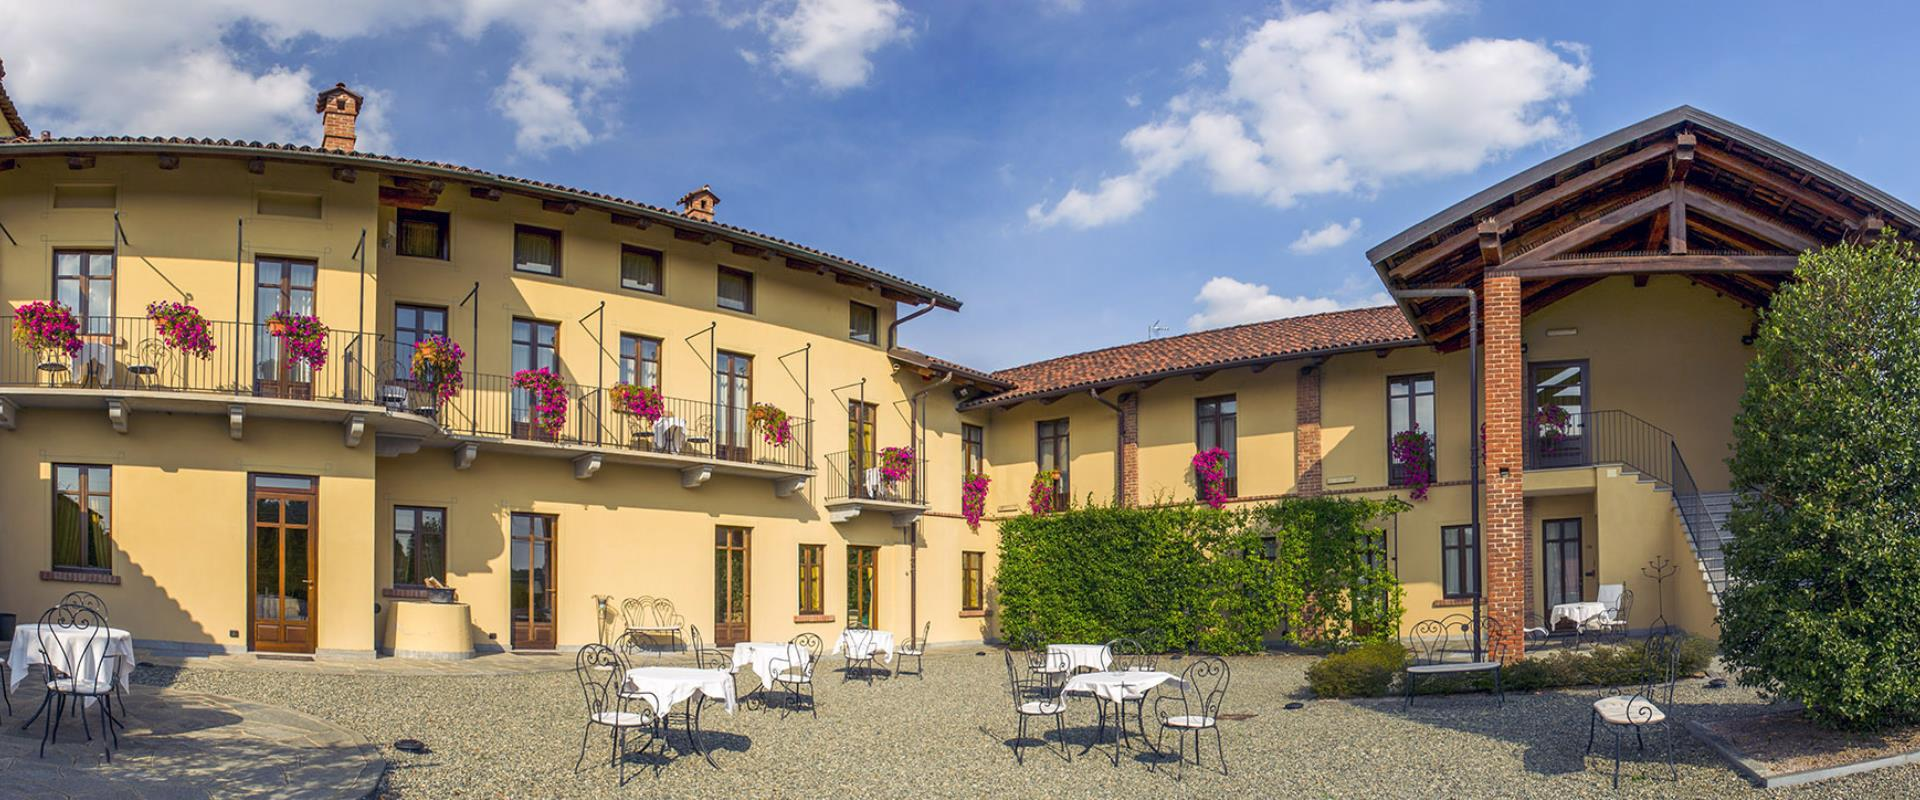 Hotel Vicino Aeroporto Di Torino Caselle